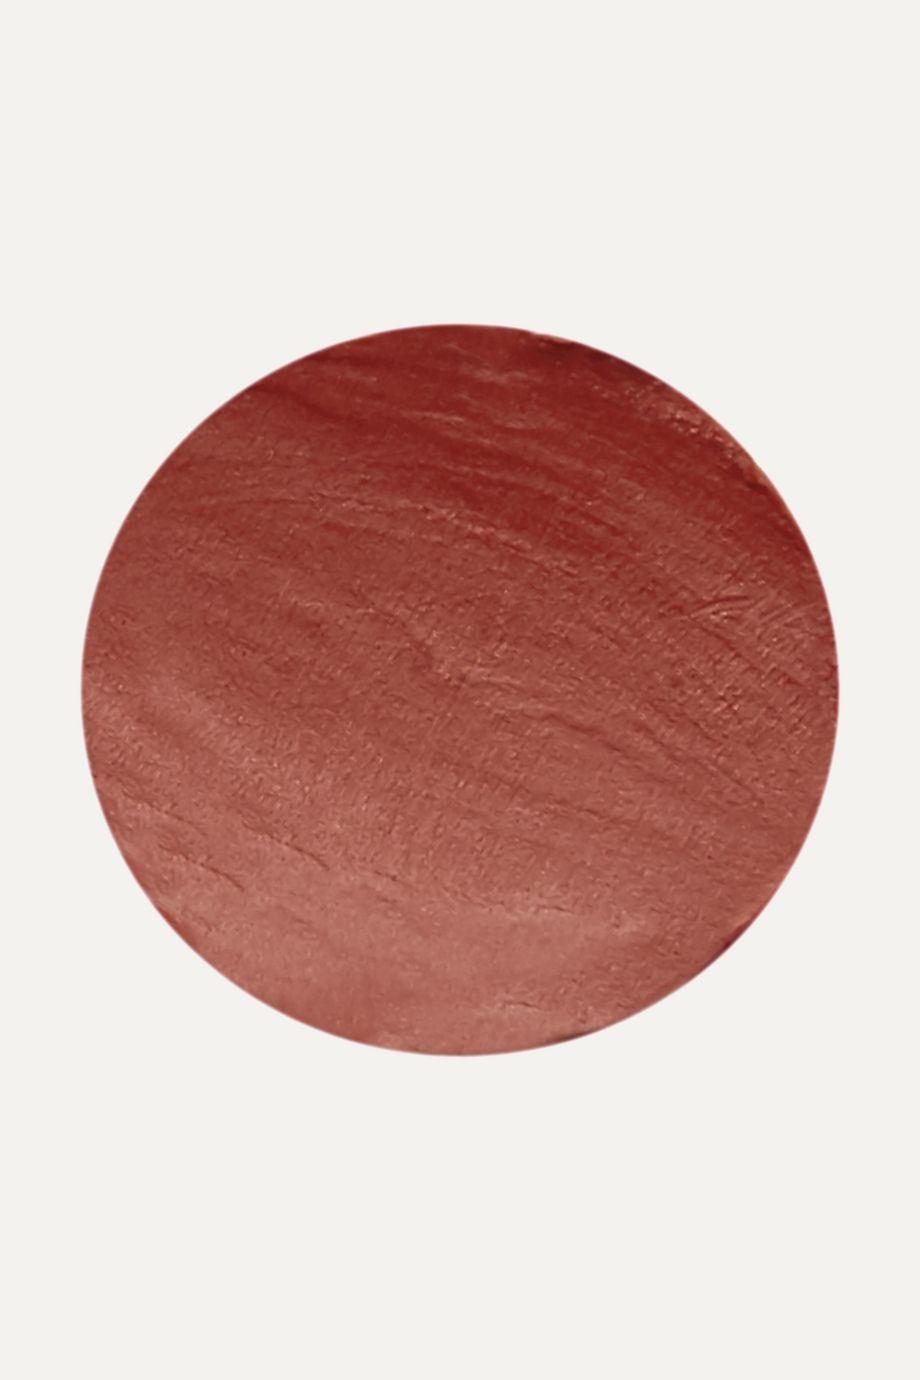 Sisley Le Phyto Rouge Lipstick - 13 Beige El Dorado